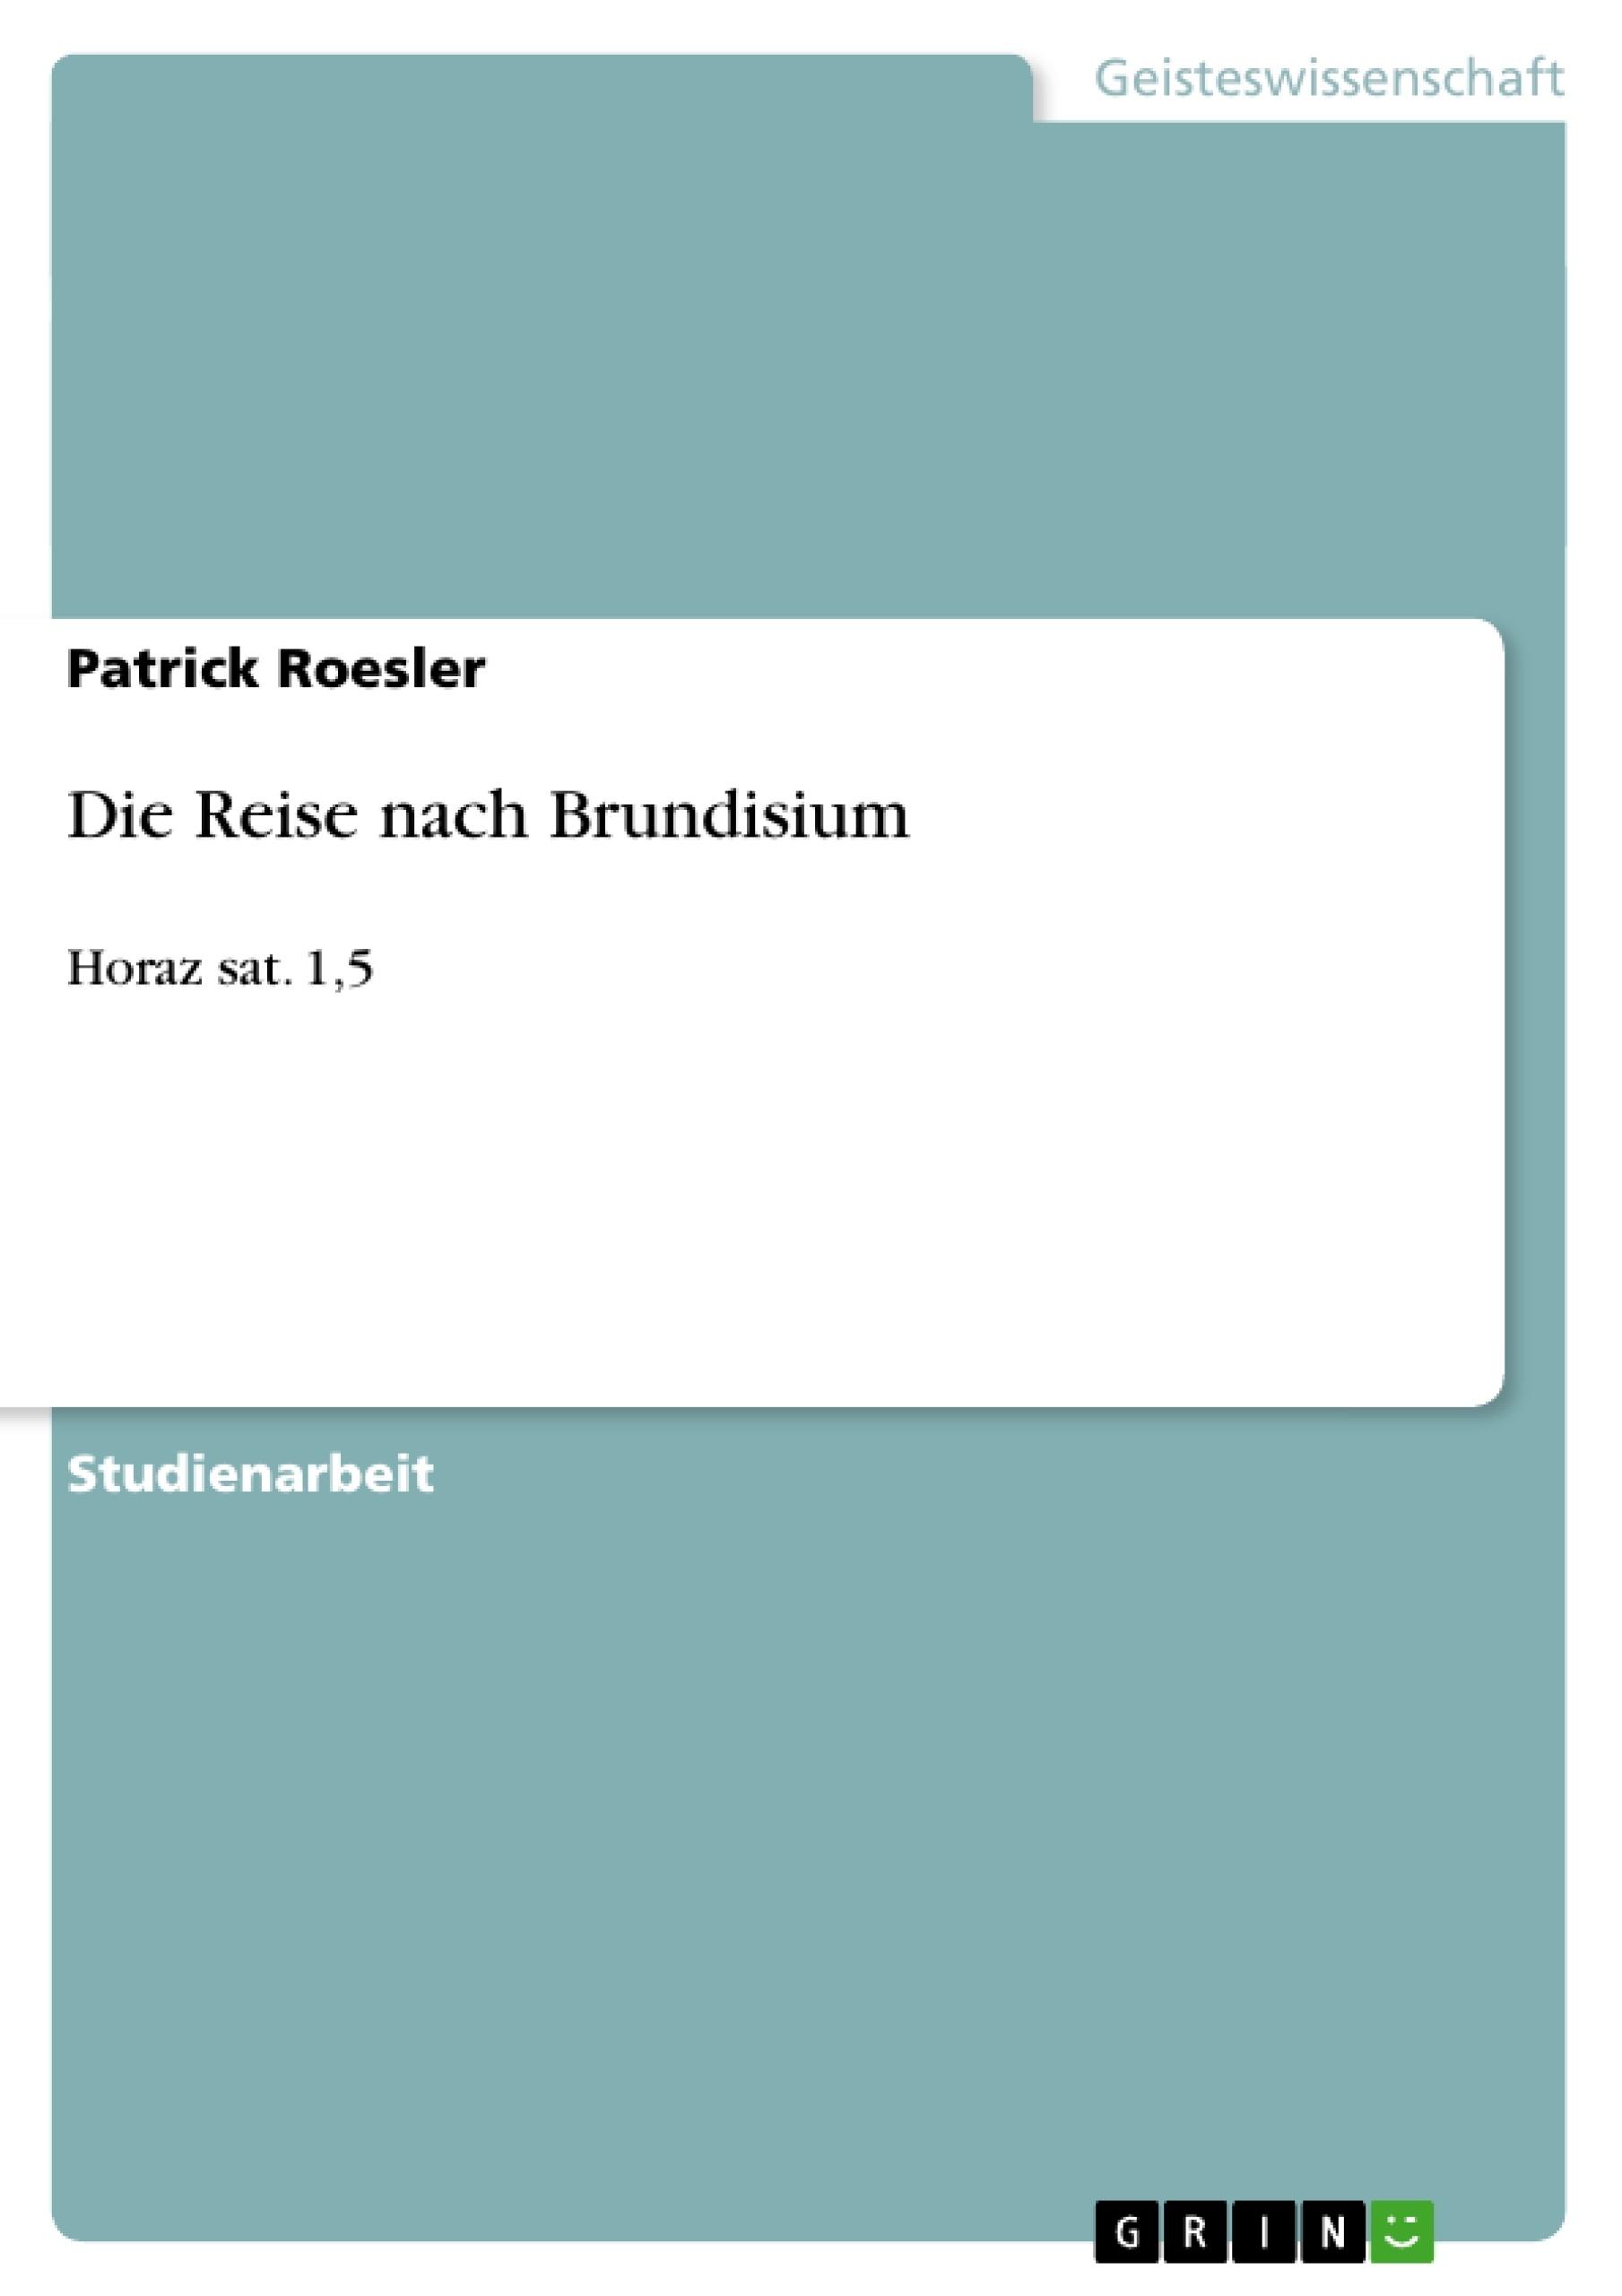 Titel: Die Reise nach Brundisium